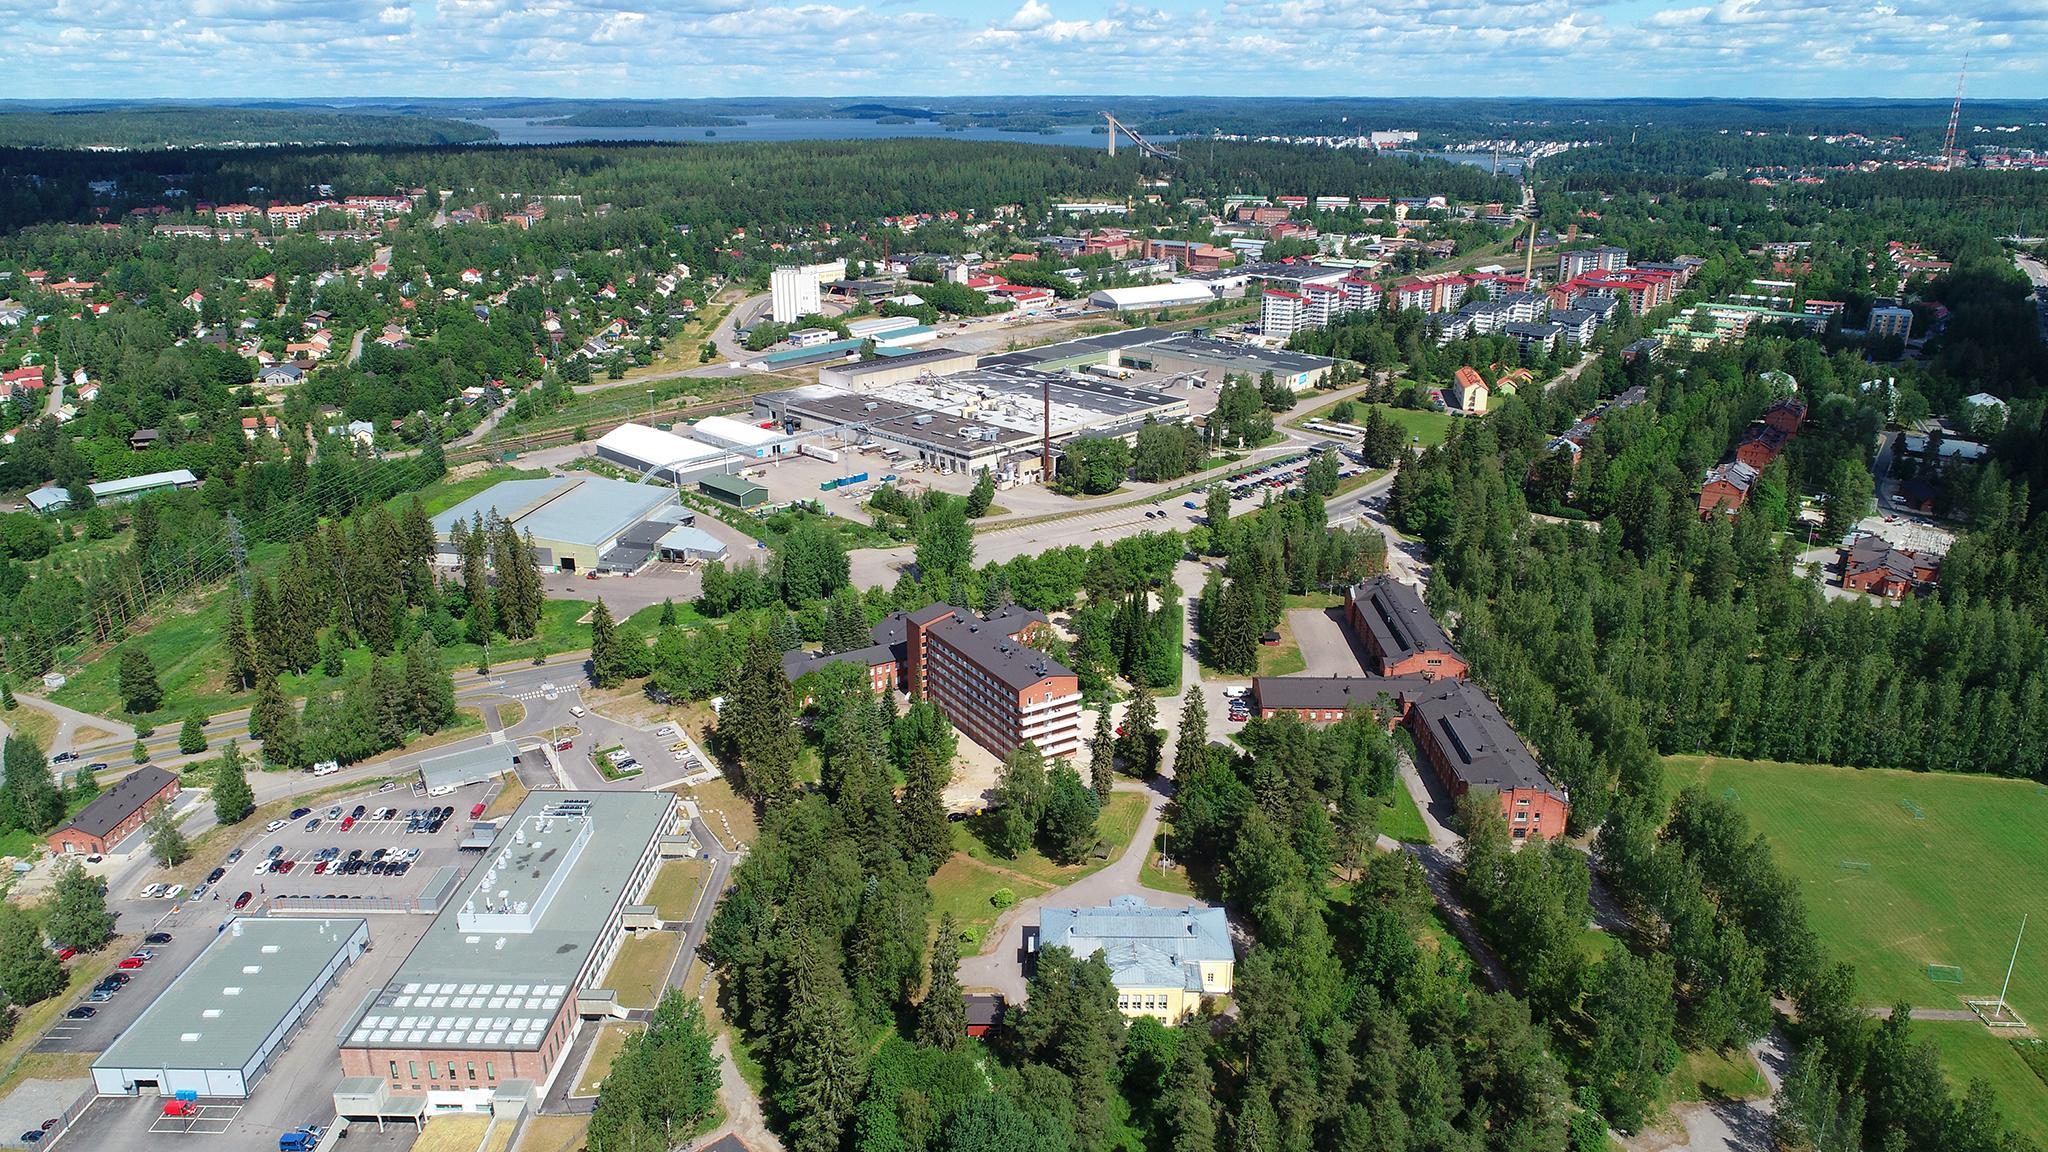 Valokuvaaja Timo Ahola - Drone-ilmakuvaus - Lahti (c) Valokuvaaja Timo Ahola